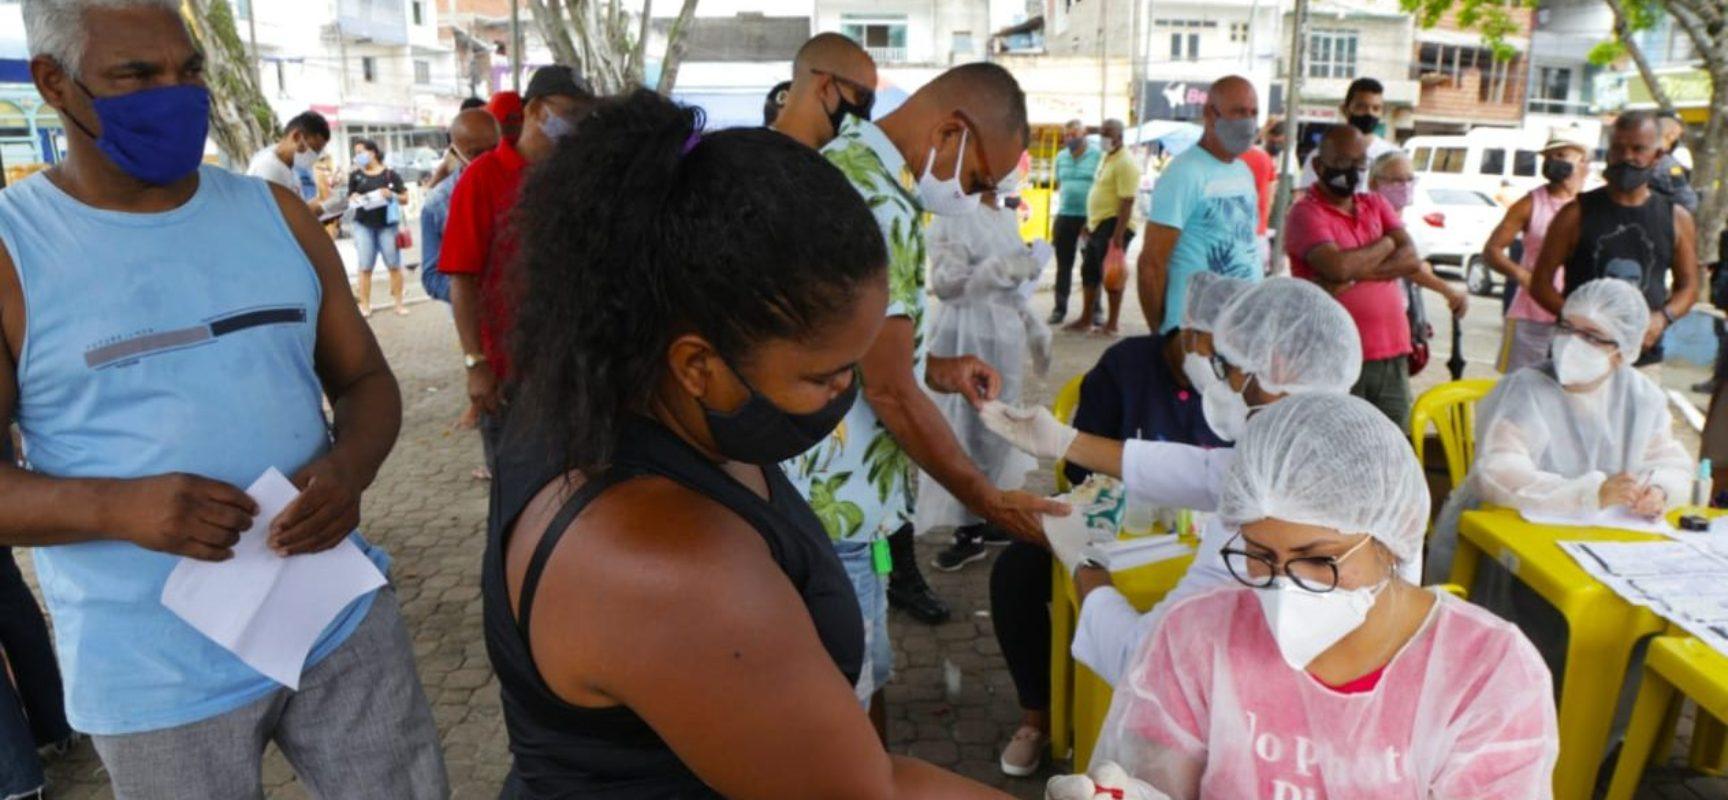 Secretaria de Saúde recomenda paciência a idosos e grupos de risco quanto à vacina contra Covid-19